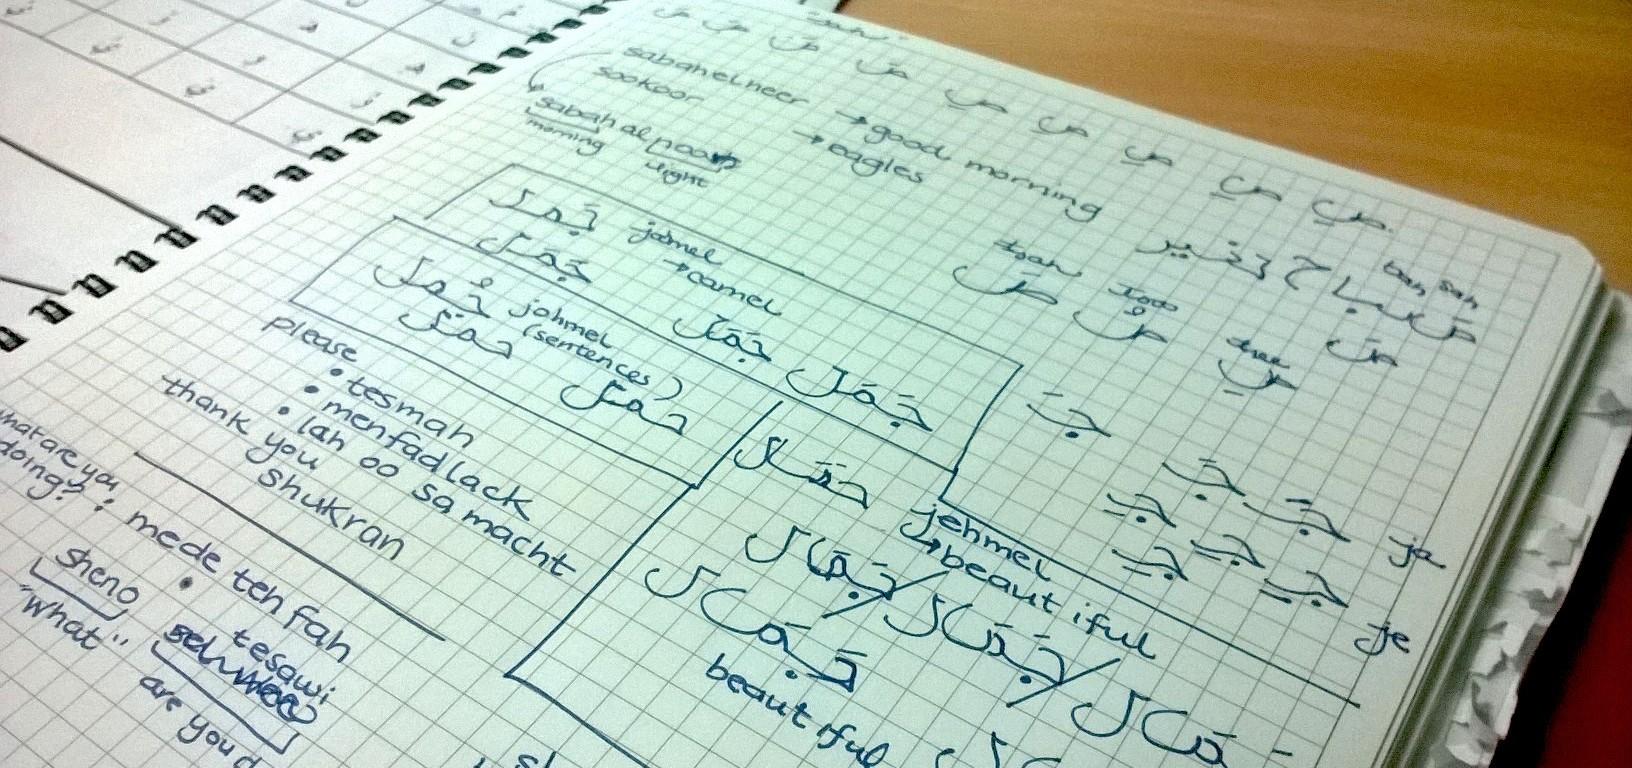 Learning Arabic in Kuwait - Anika Mikkelson - Miss Maps - www.MissMaps.com